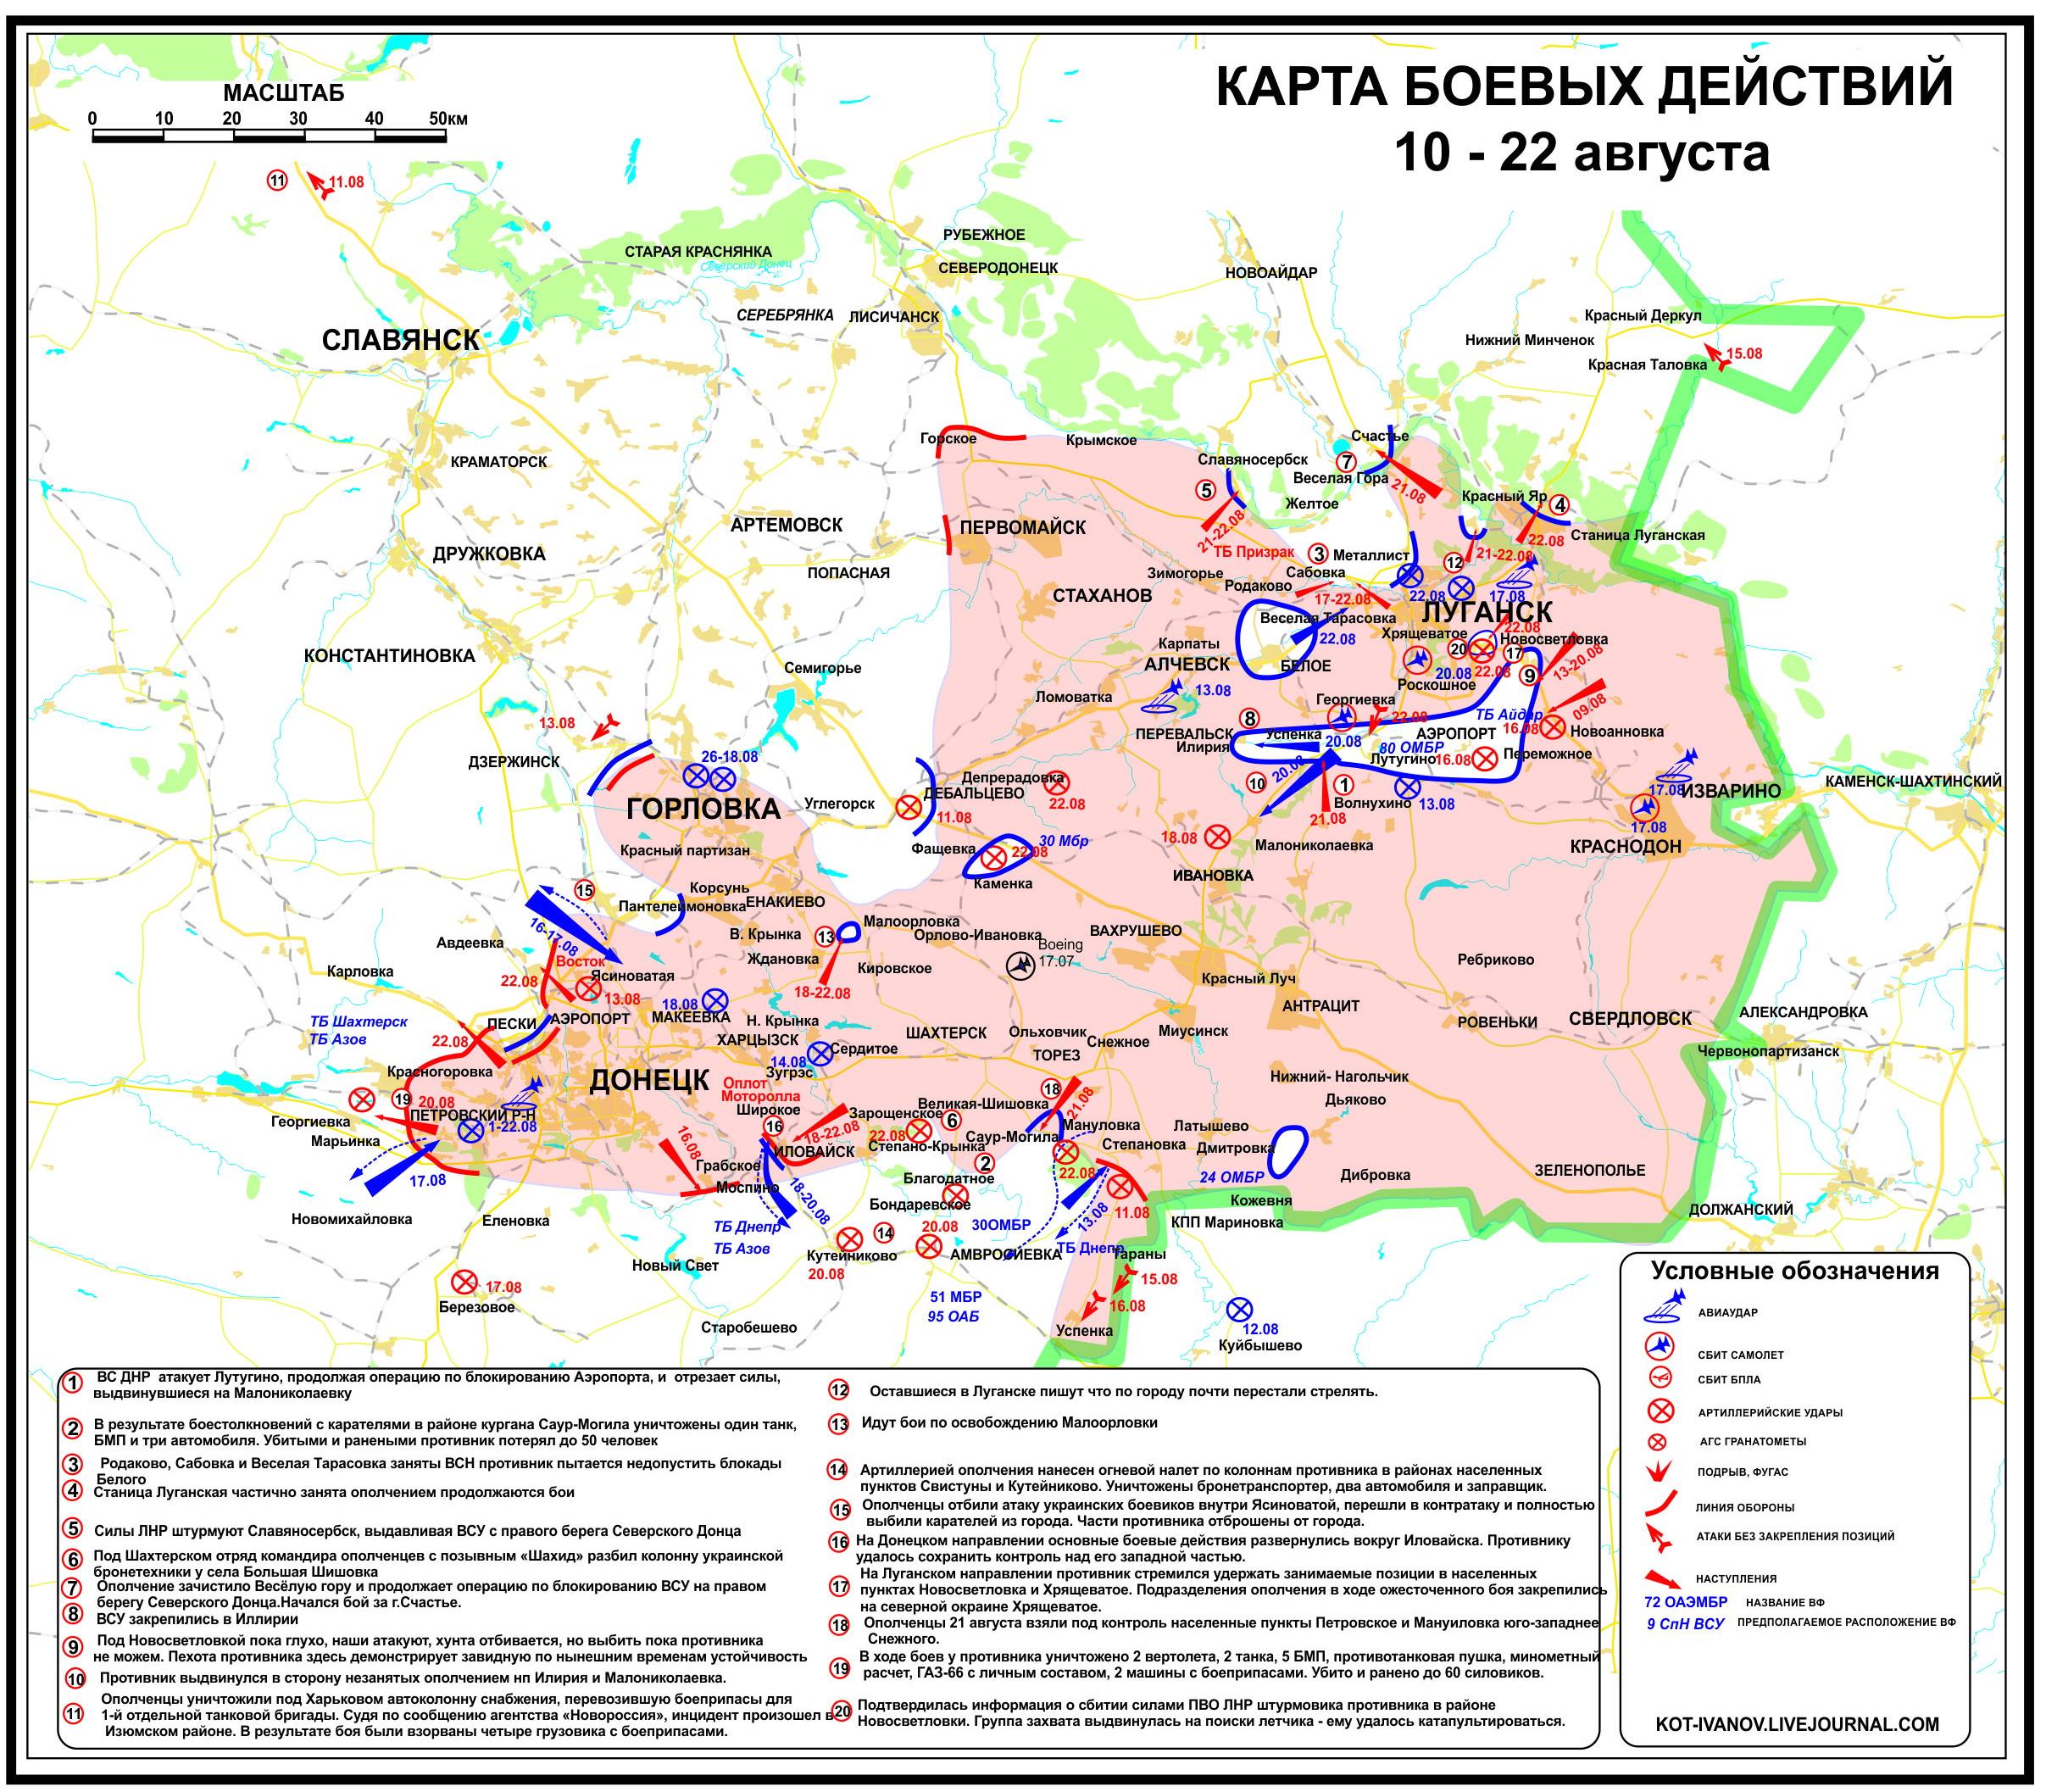 http://ic.pics.livejournal.com/kot_ivanov/71733898/22860/22860_original.jpg